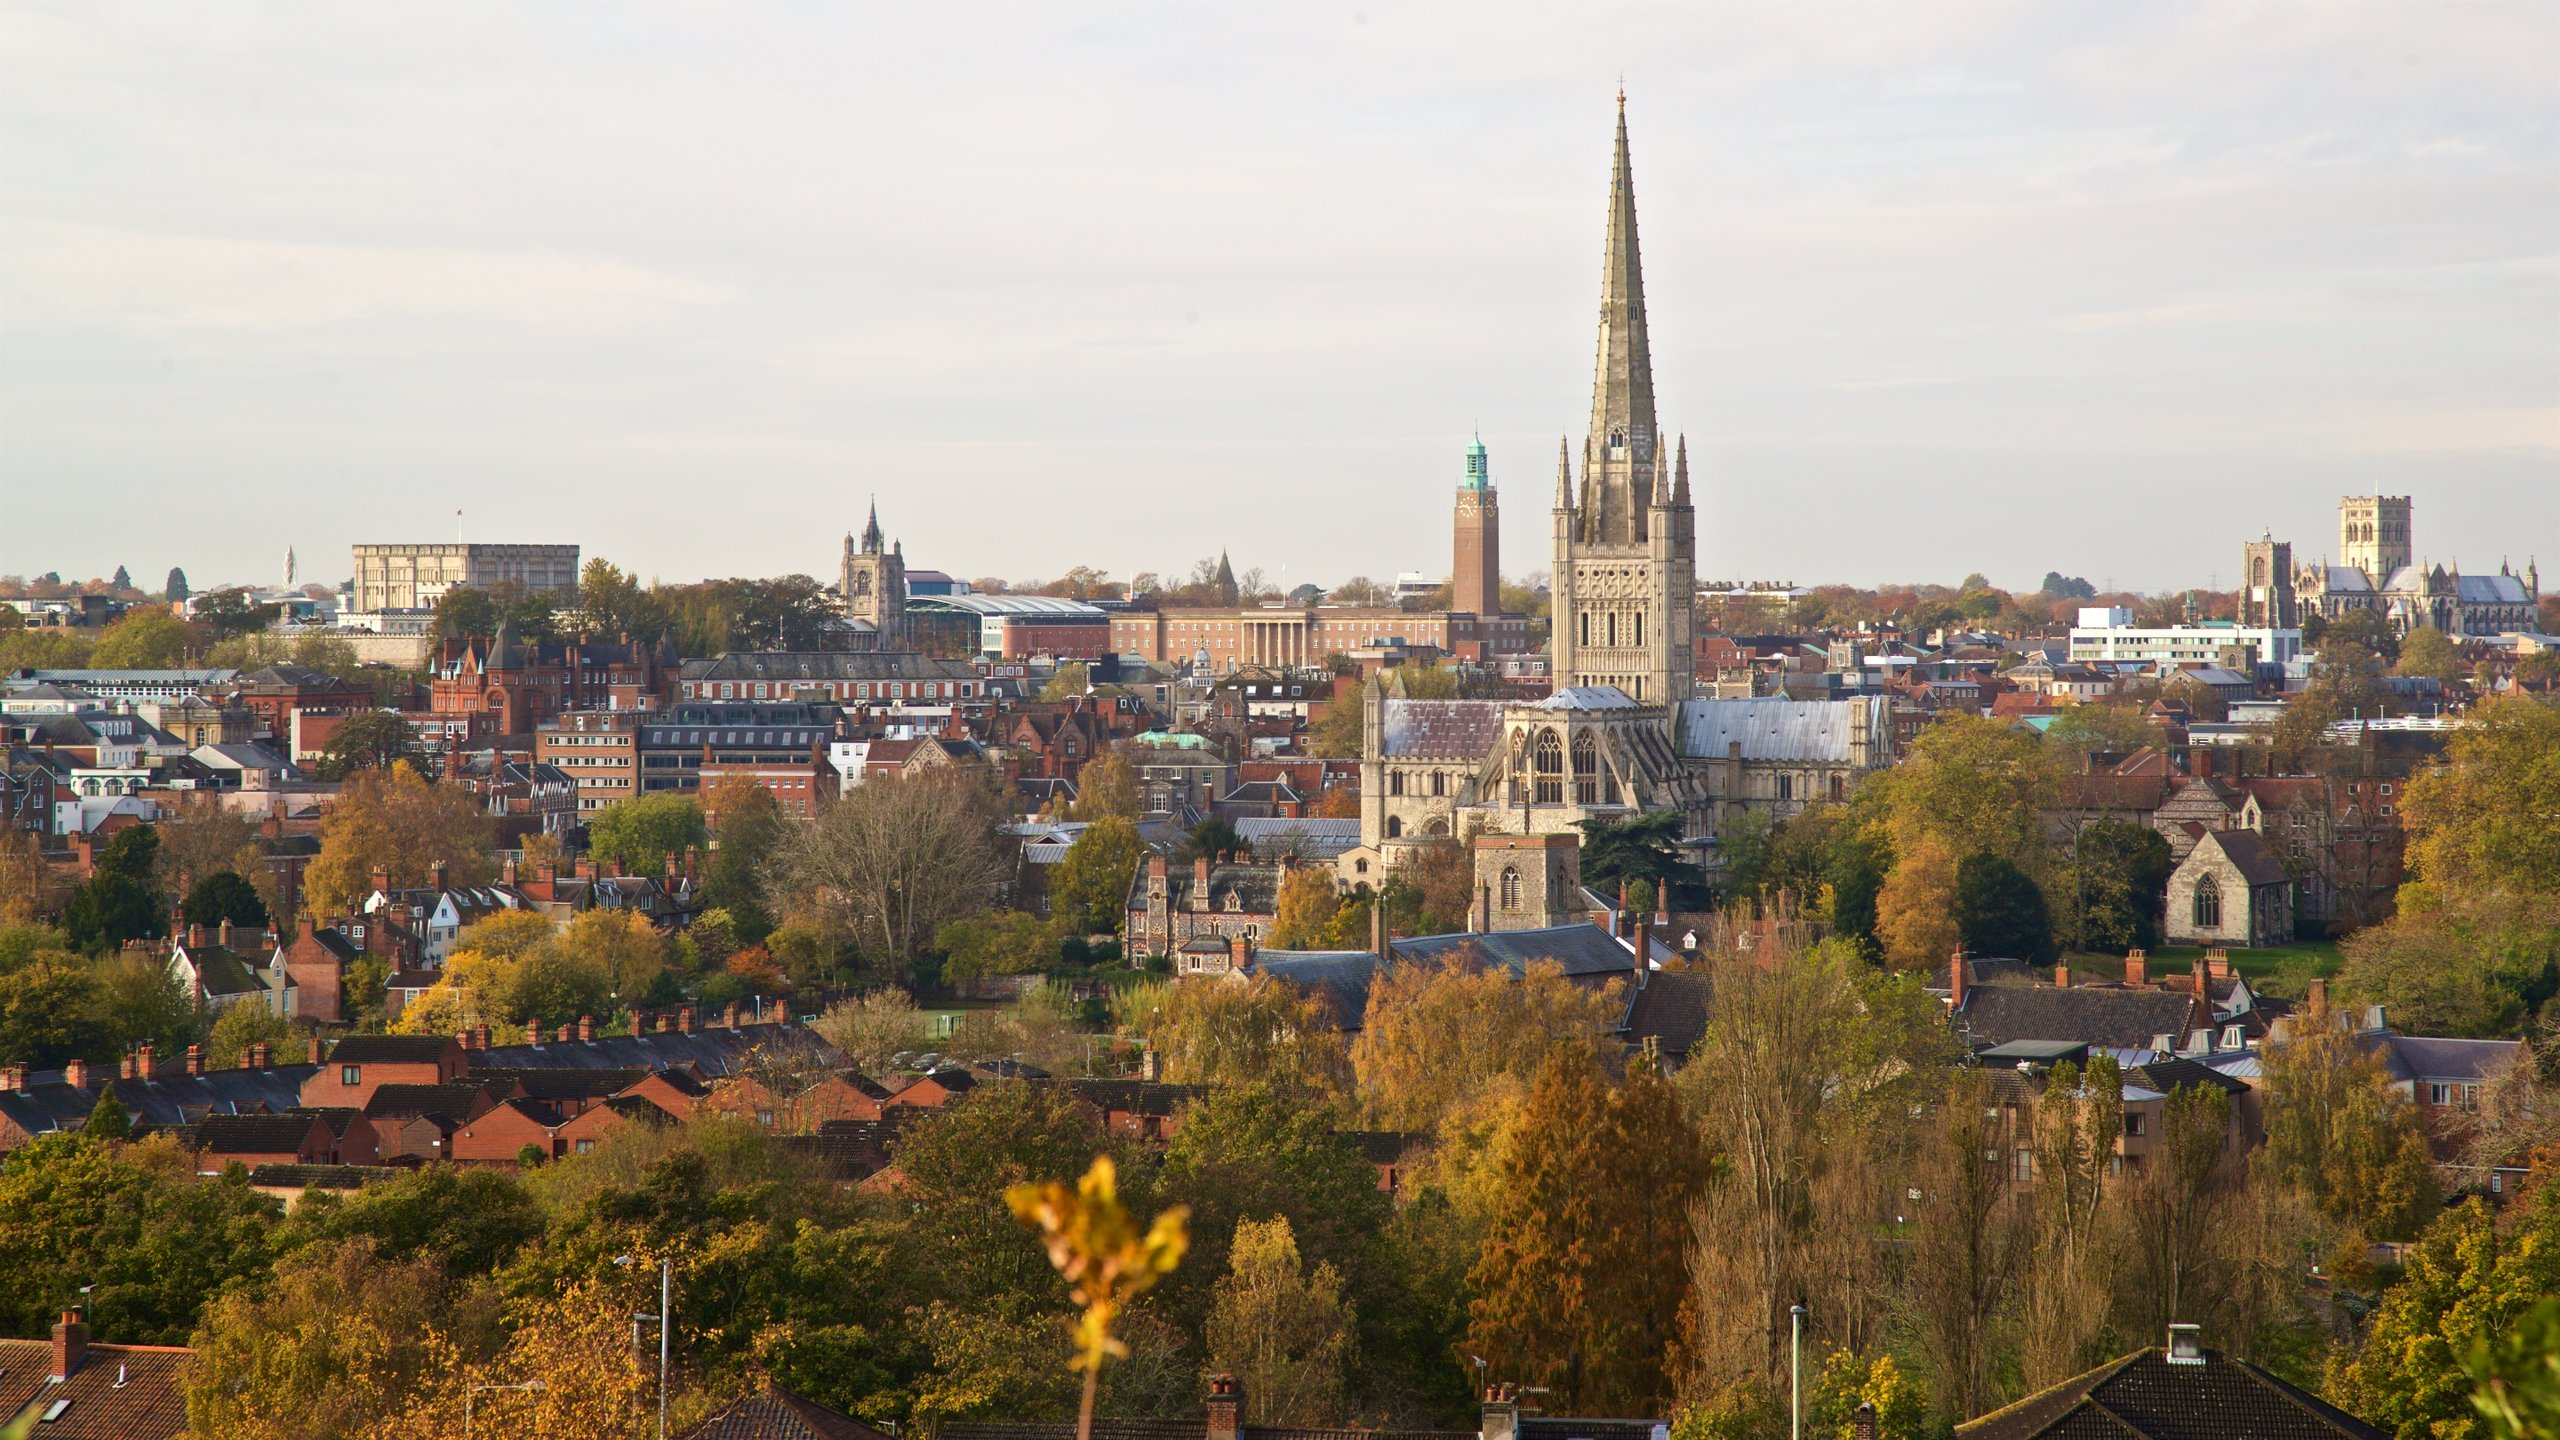 Norwich, England, United Kingdom